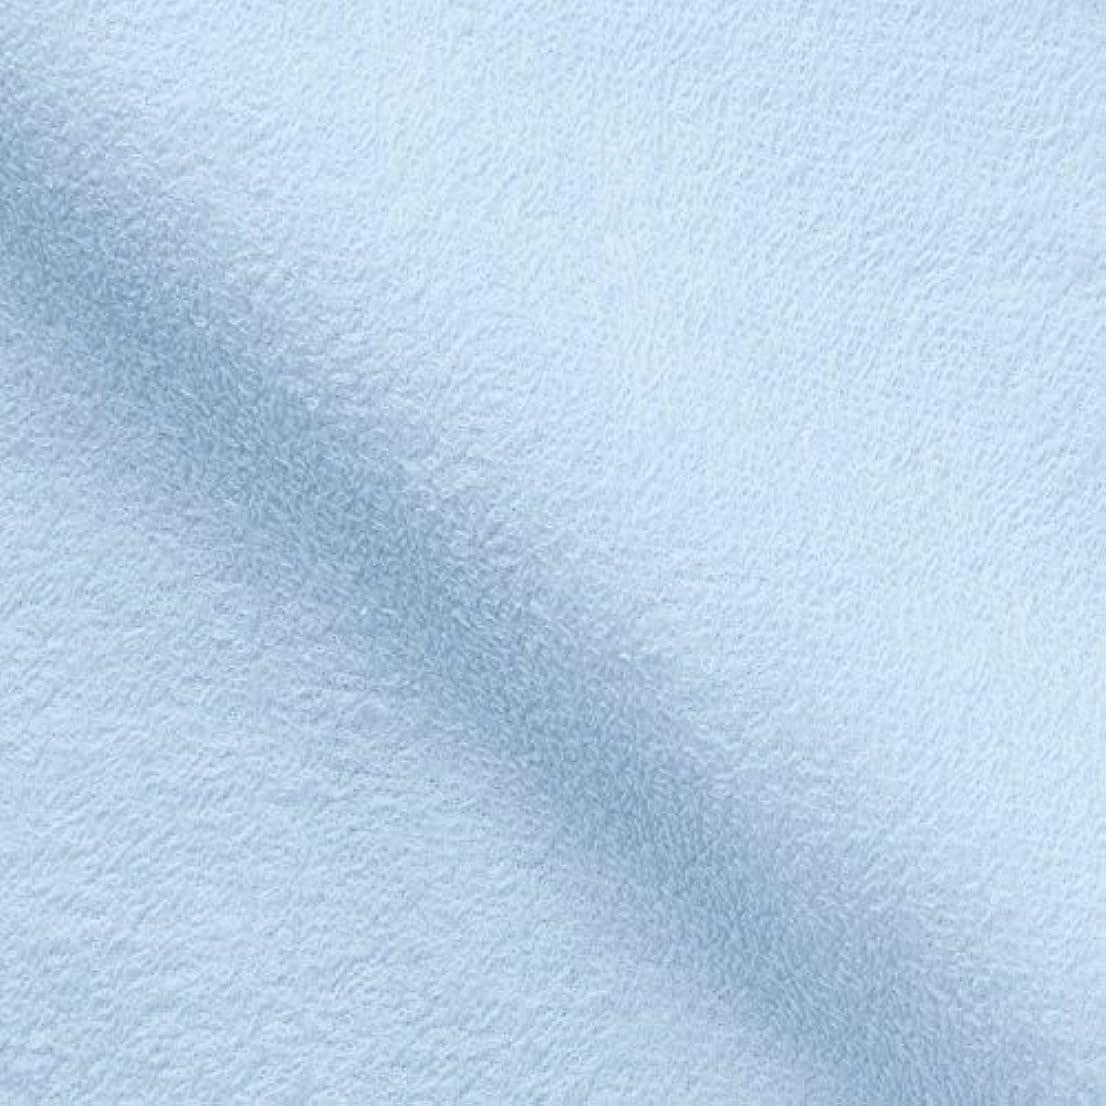 絶対に王位謎めいたキヨタ 抗菌介護タオル(フェイスタオル12枚入) ブルー 34×84cm